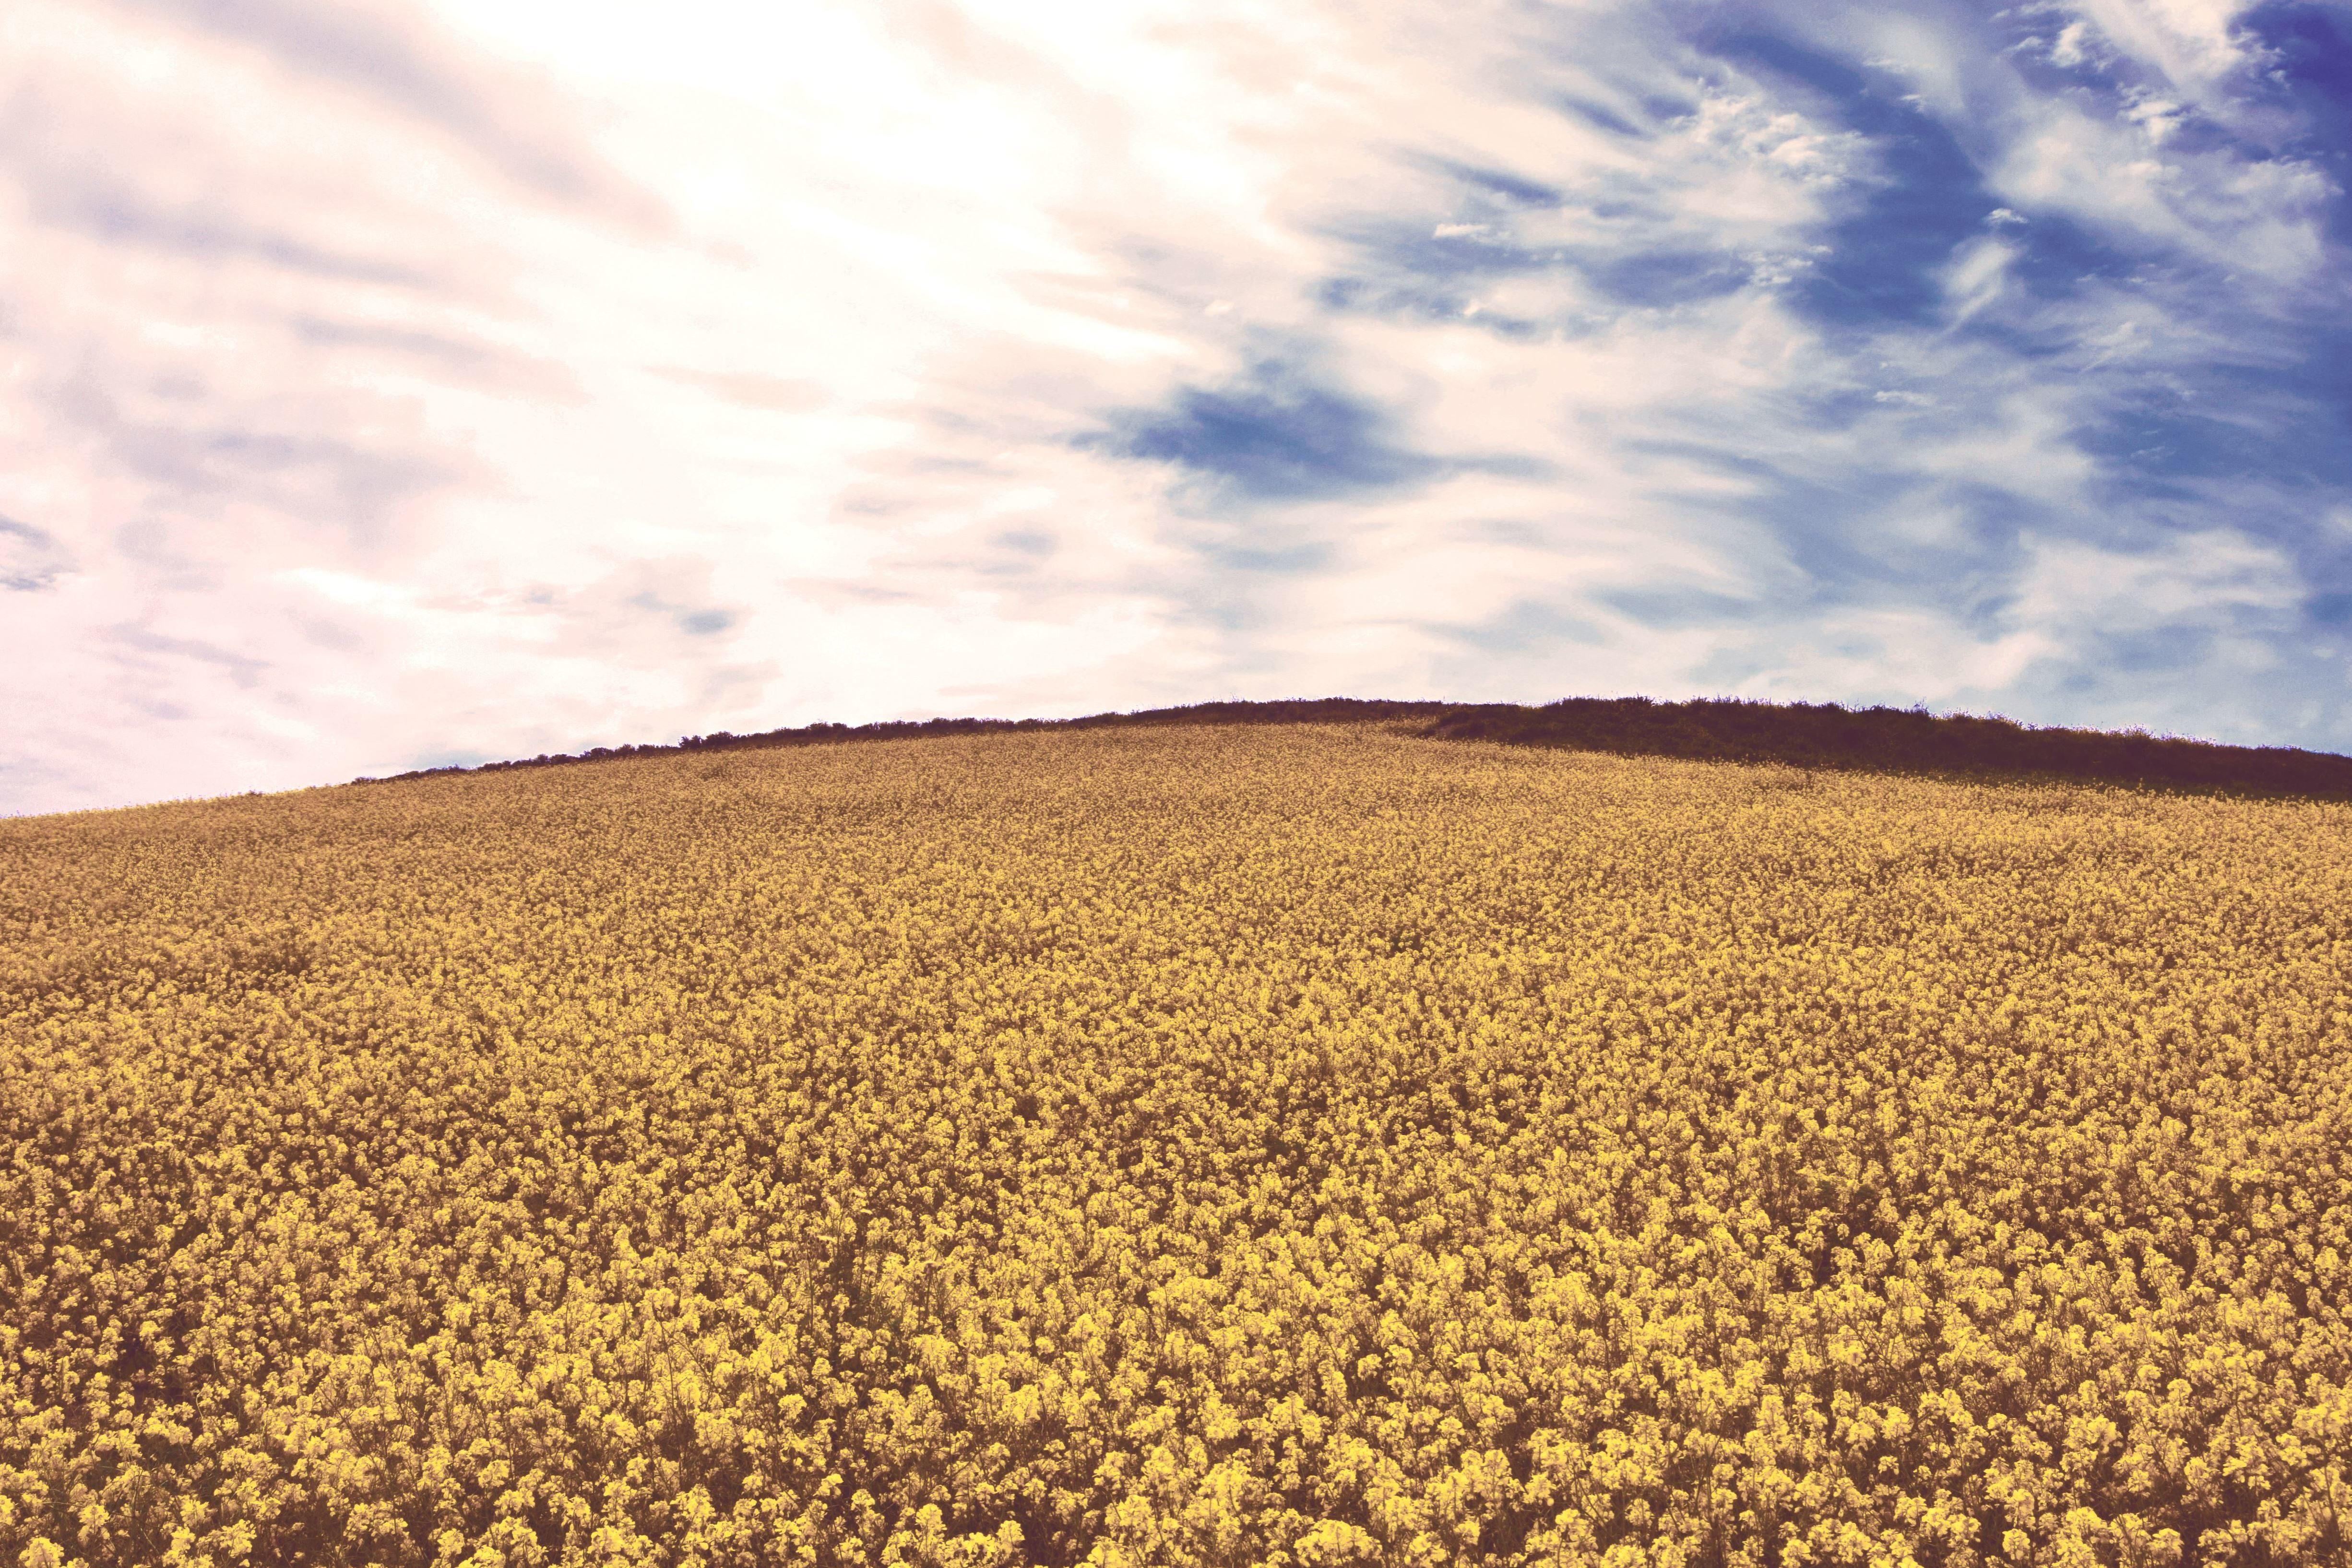 Free picture yellow flowers blue sky countryside crop yellow flowers blue sky countryside crop cropland field mightylinksfo